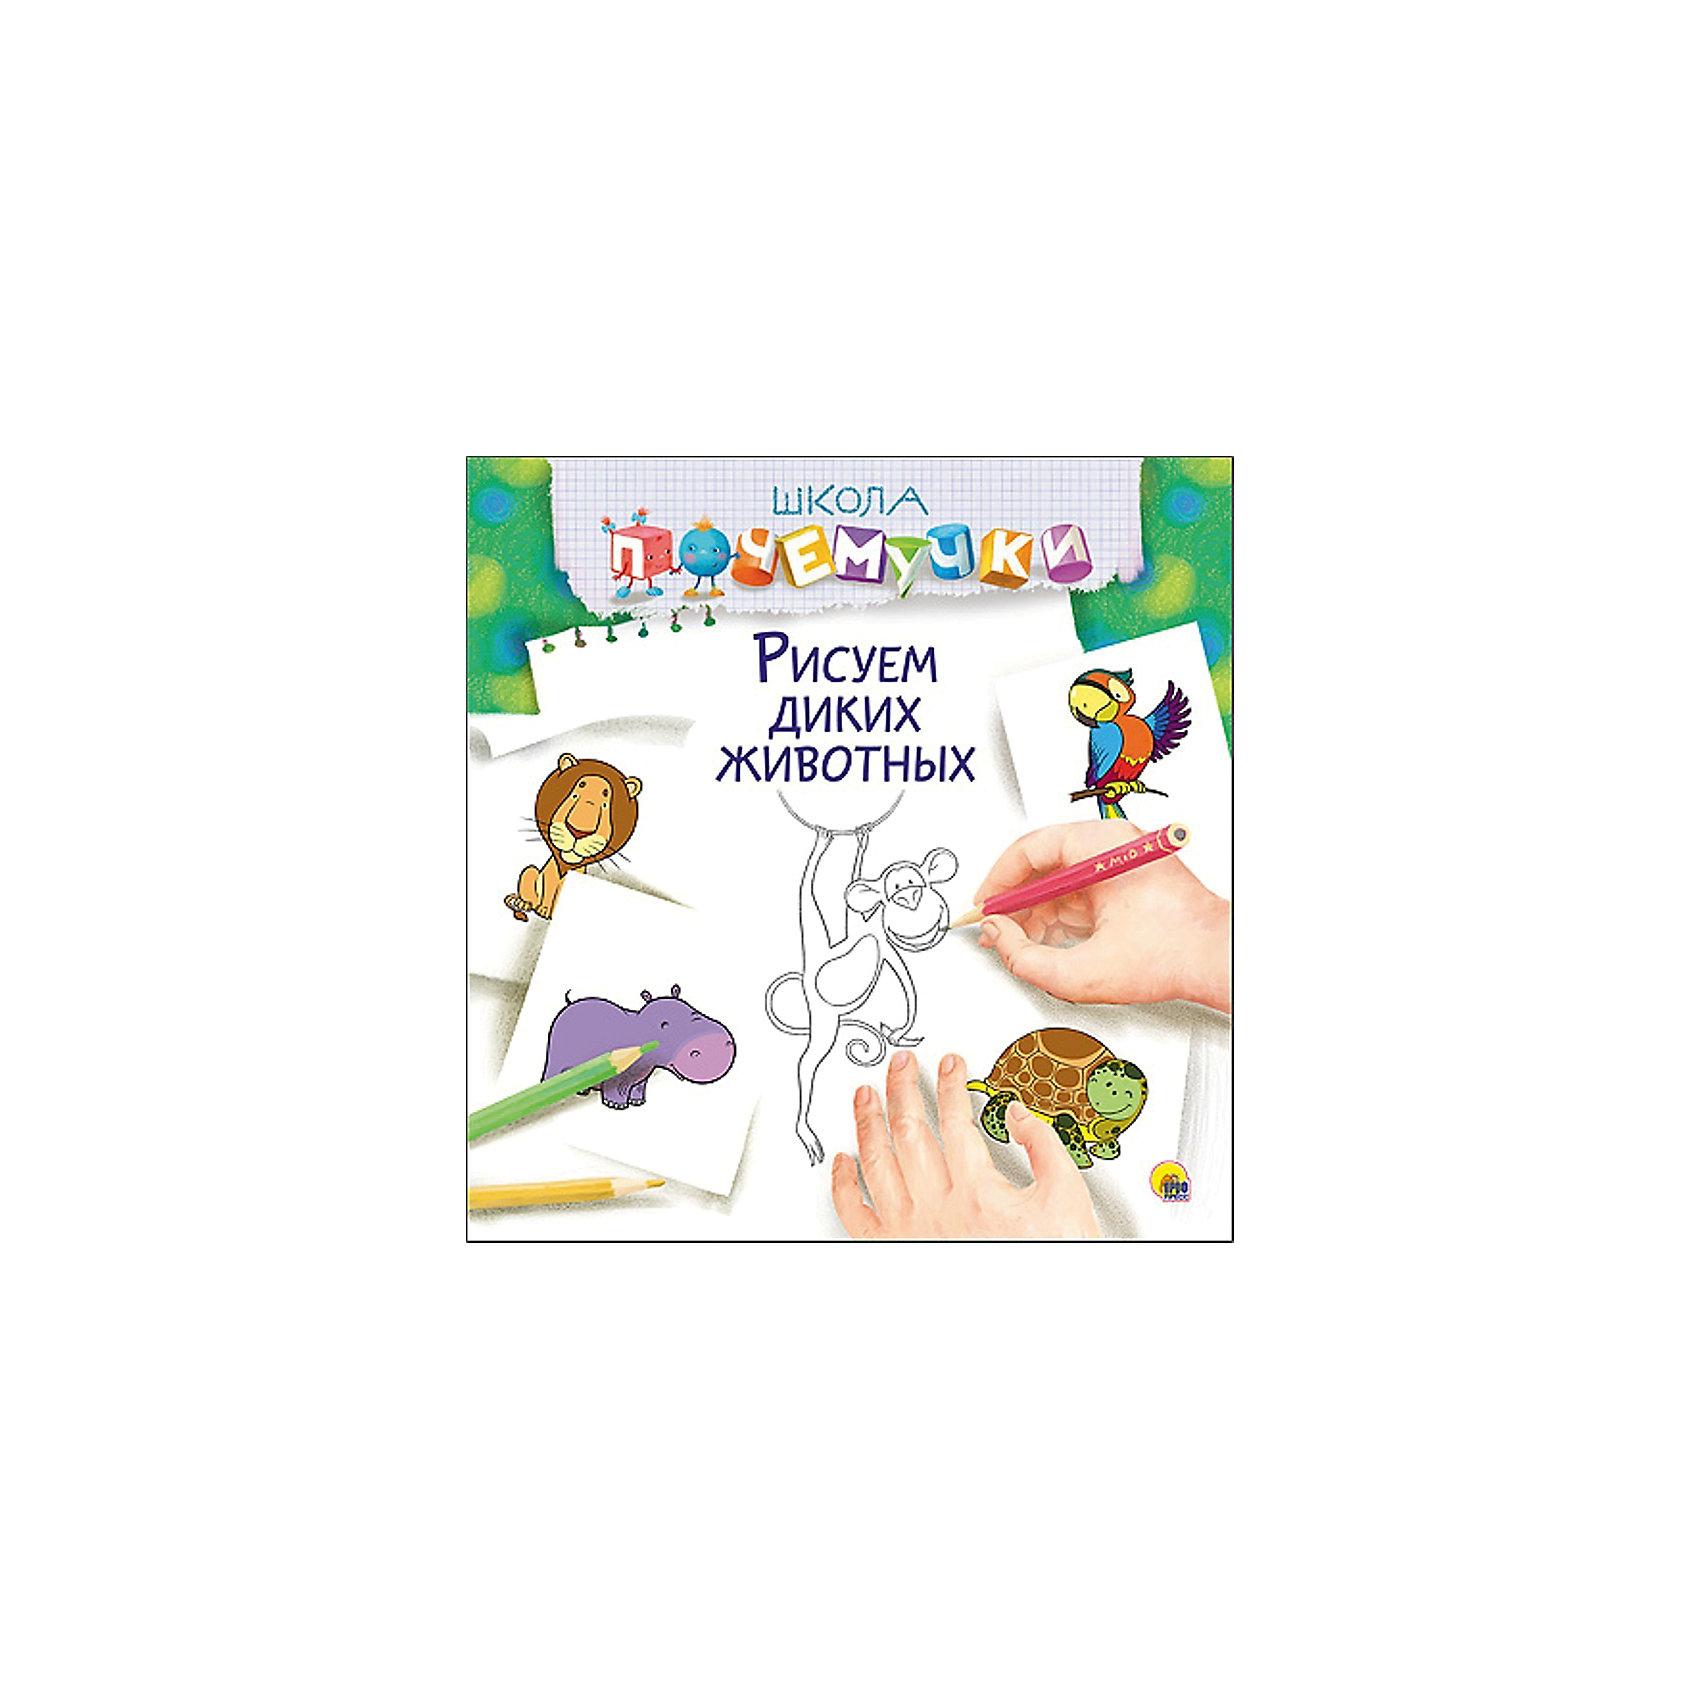 Рисуем диких животных, Школа почемучкиРисование<br>Книжки с пошаговым руководством, учащие рисовать, помогают детям познавать мир и учиться многим вещам, а также позволяют ребенку весело проводить время. Эти издания стимулируют развитие мелкой моторики, воображения, логики и творческого мышления, помогают формированию художественных навыков в раннем возрасте.<br>Данная книга содержит множество вариантов картинок, которые можно нарисовать малышу, повторяя простые линии! Такое занятие обязательно понравится ребенку и позволит надолго занять непоседу!<br>  <br>Дополнительная информация:<br><br>страниц: 32; <br>размер: 277x278x2 мм;<br>вес: 131 г.<br><br>Книгу Школа почемучки. Рисуем диких животных от издательства Проф-Пресс можно купить в нашем магазине.<br><br>Ширина мм: 275<br>Глубина мм: 4<br>Высота мм: 280<br>Вес г: 131<br>Возраст от месяцев: 36<br>Возраст до месяцев: 120<br>Пол: Унисекс<br>Возраст: Детский<br>SKU: 4787225